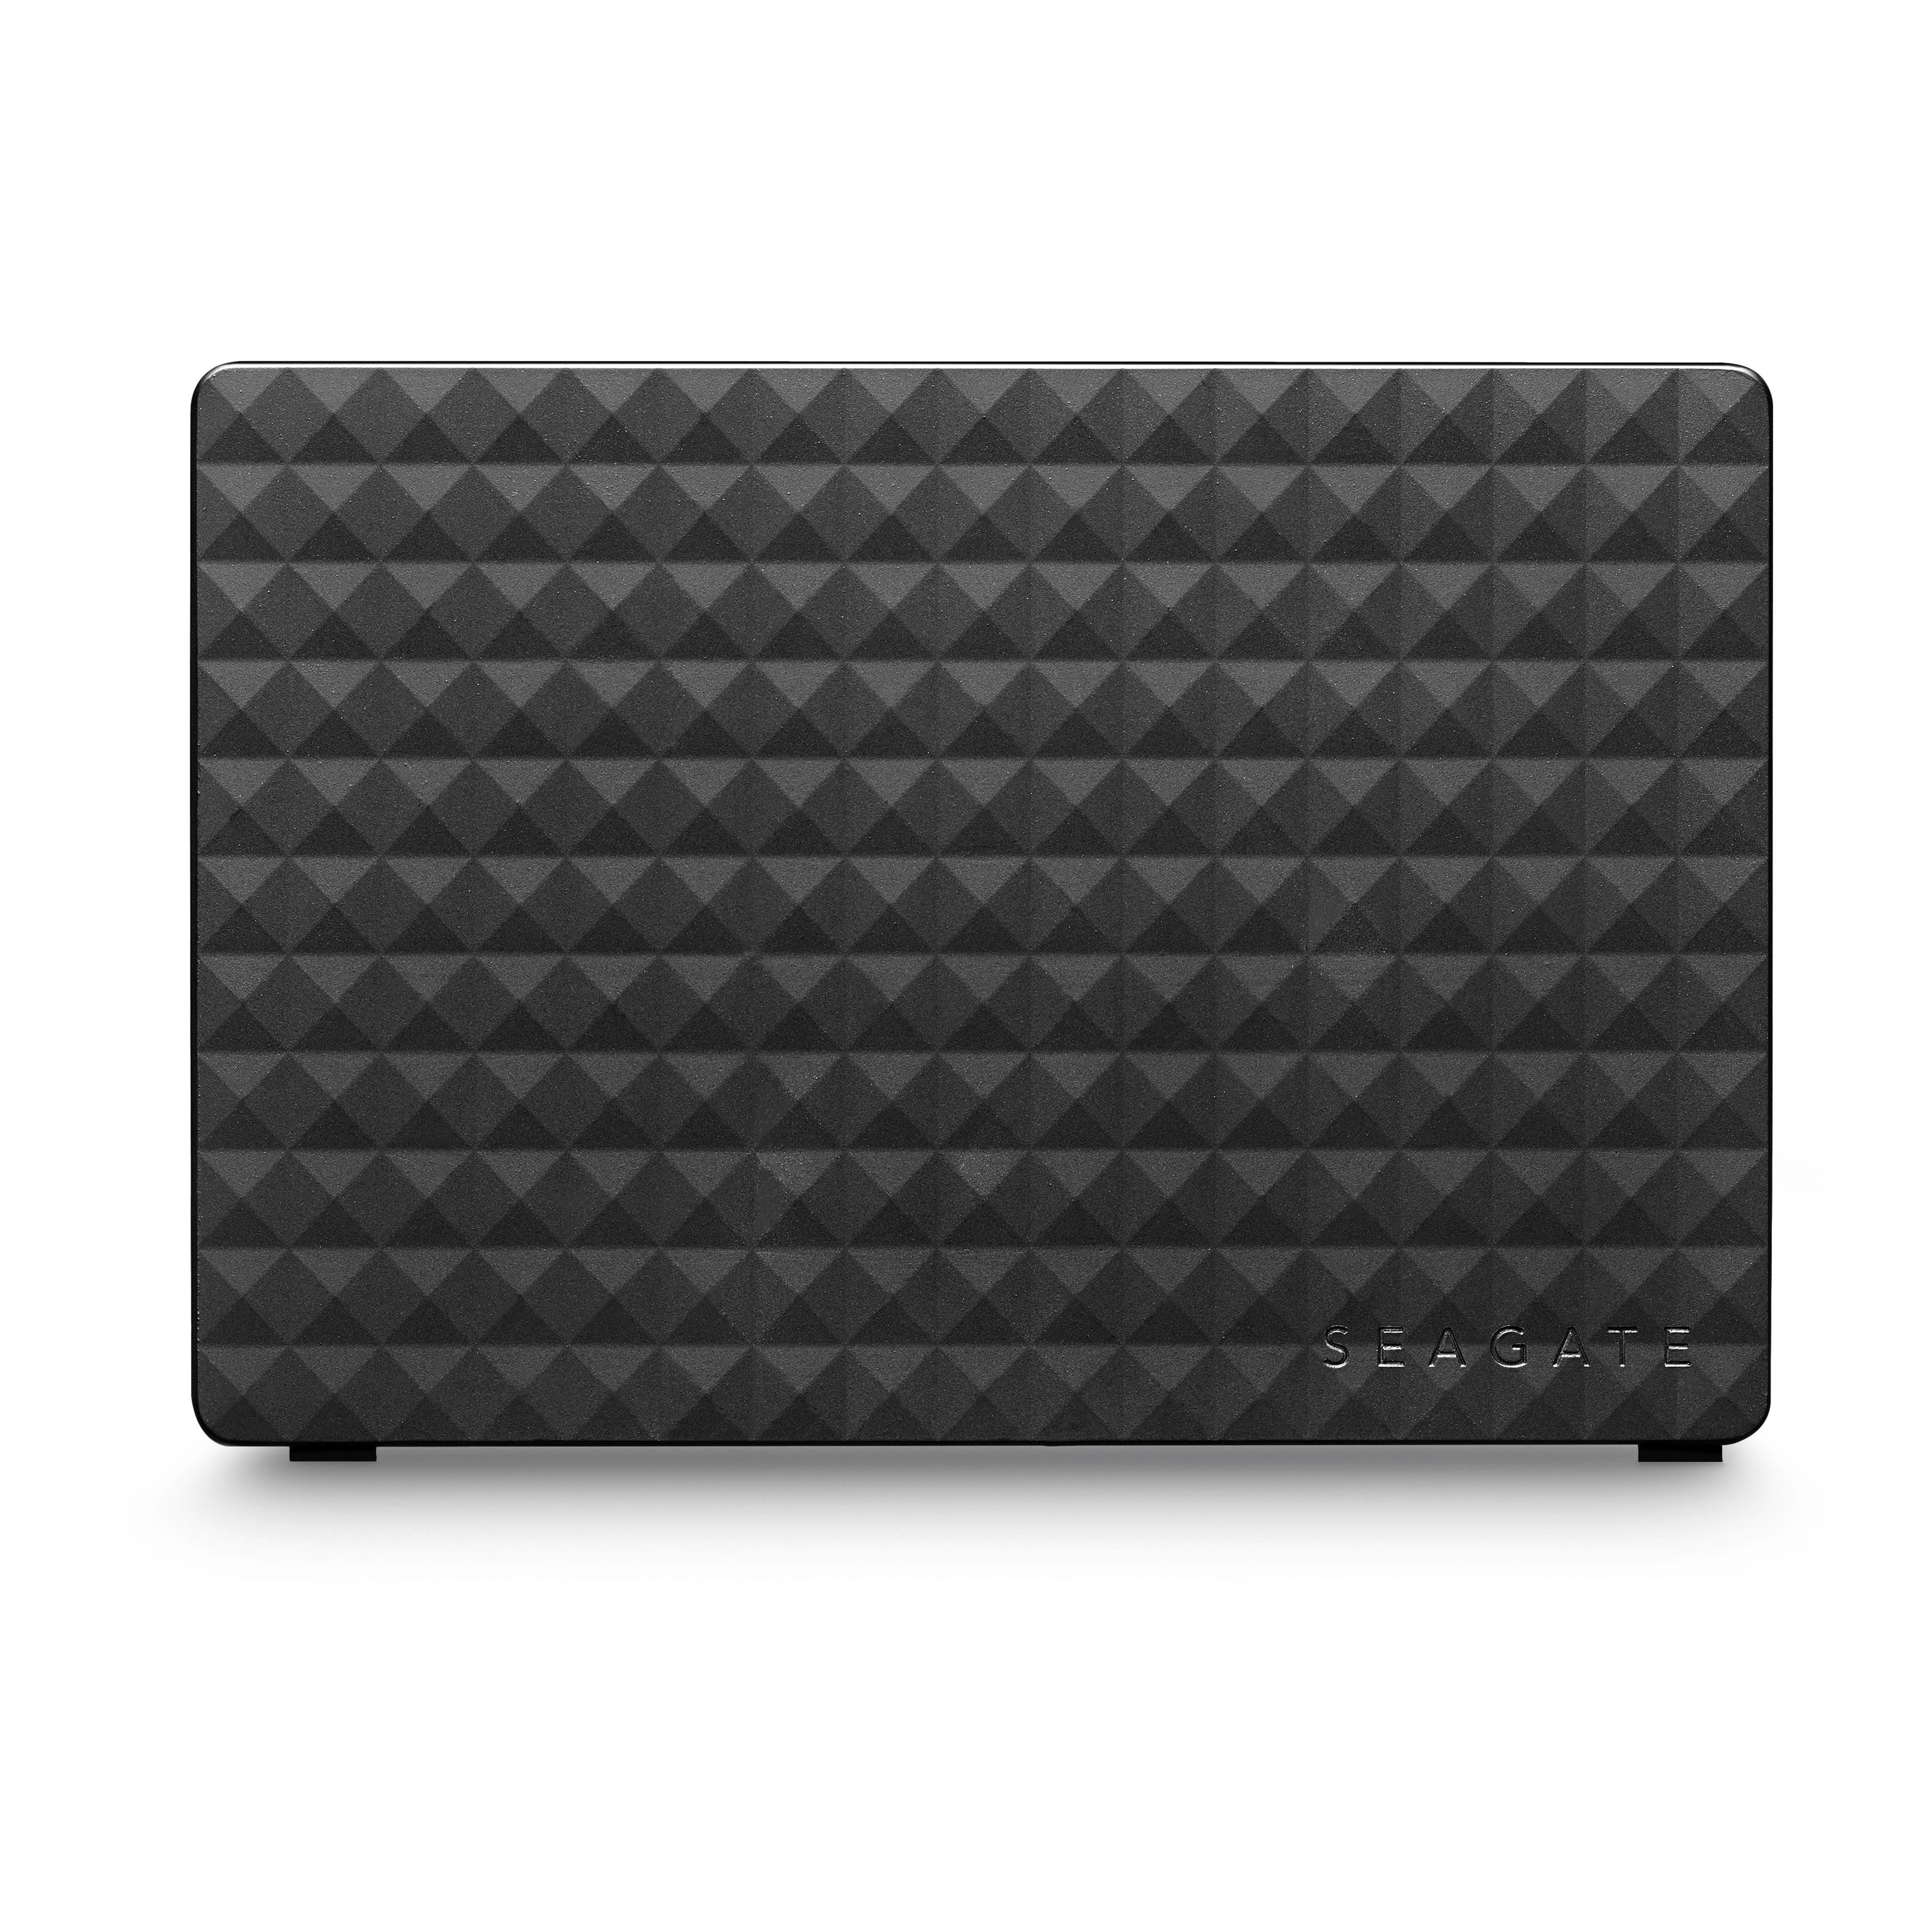 SEAGATE Desktop Festplatte Expansion 4 TB »STEB4000200«